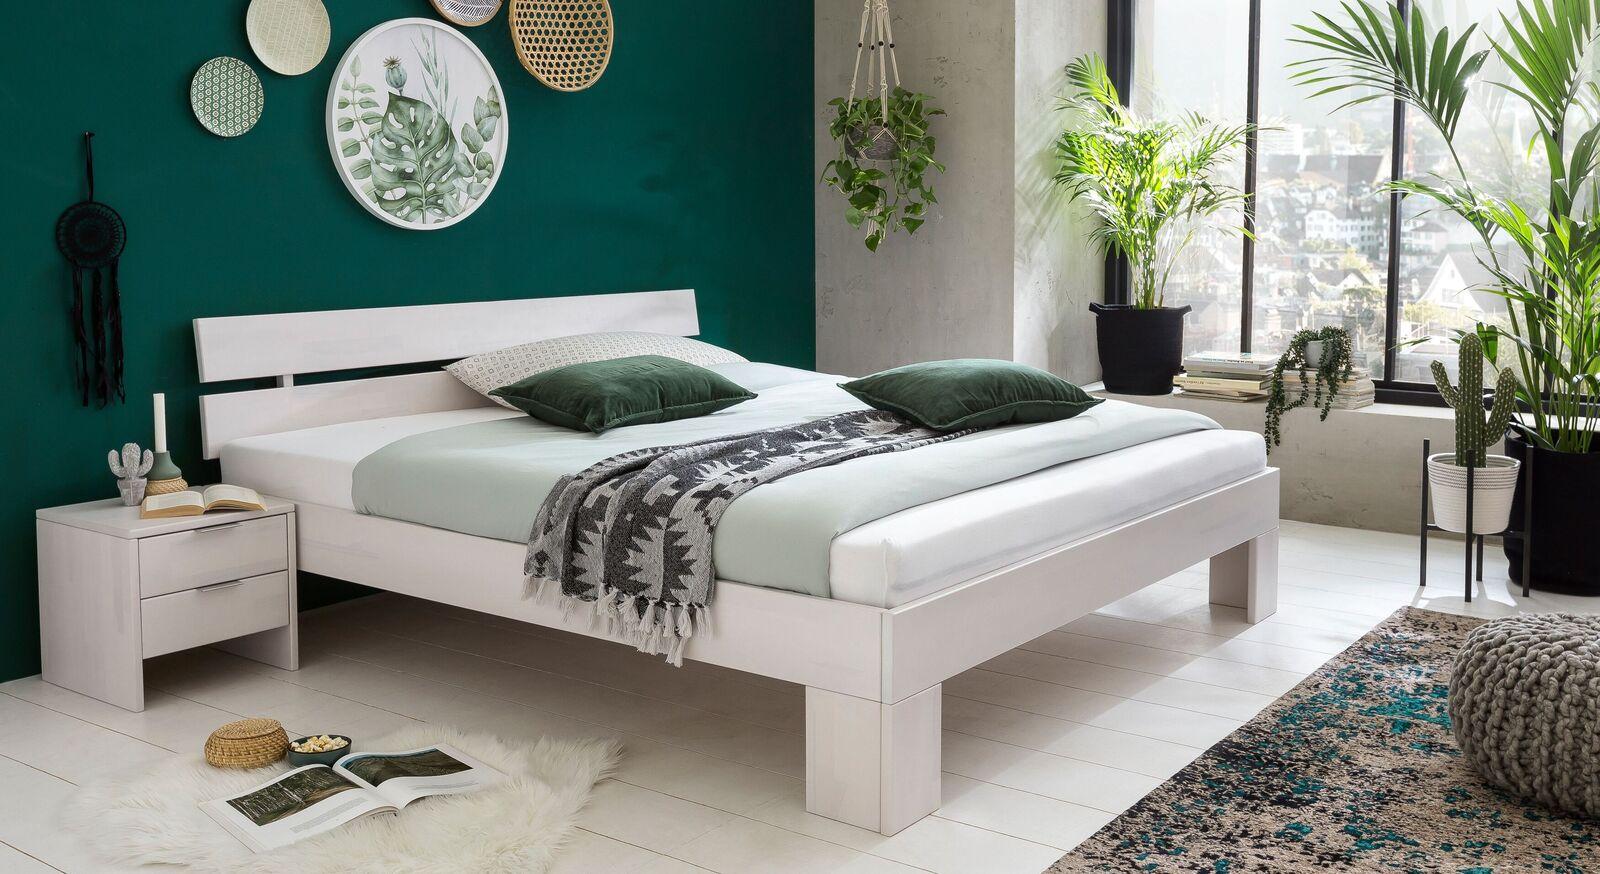 Bett Tanu mit passendem Nachttisch